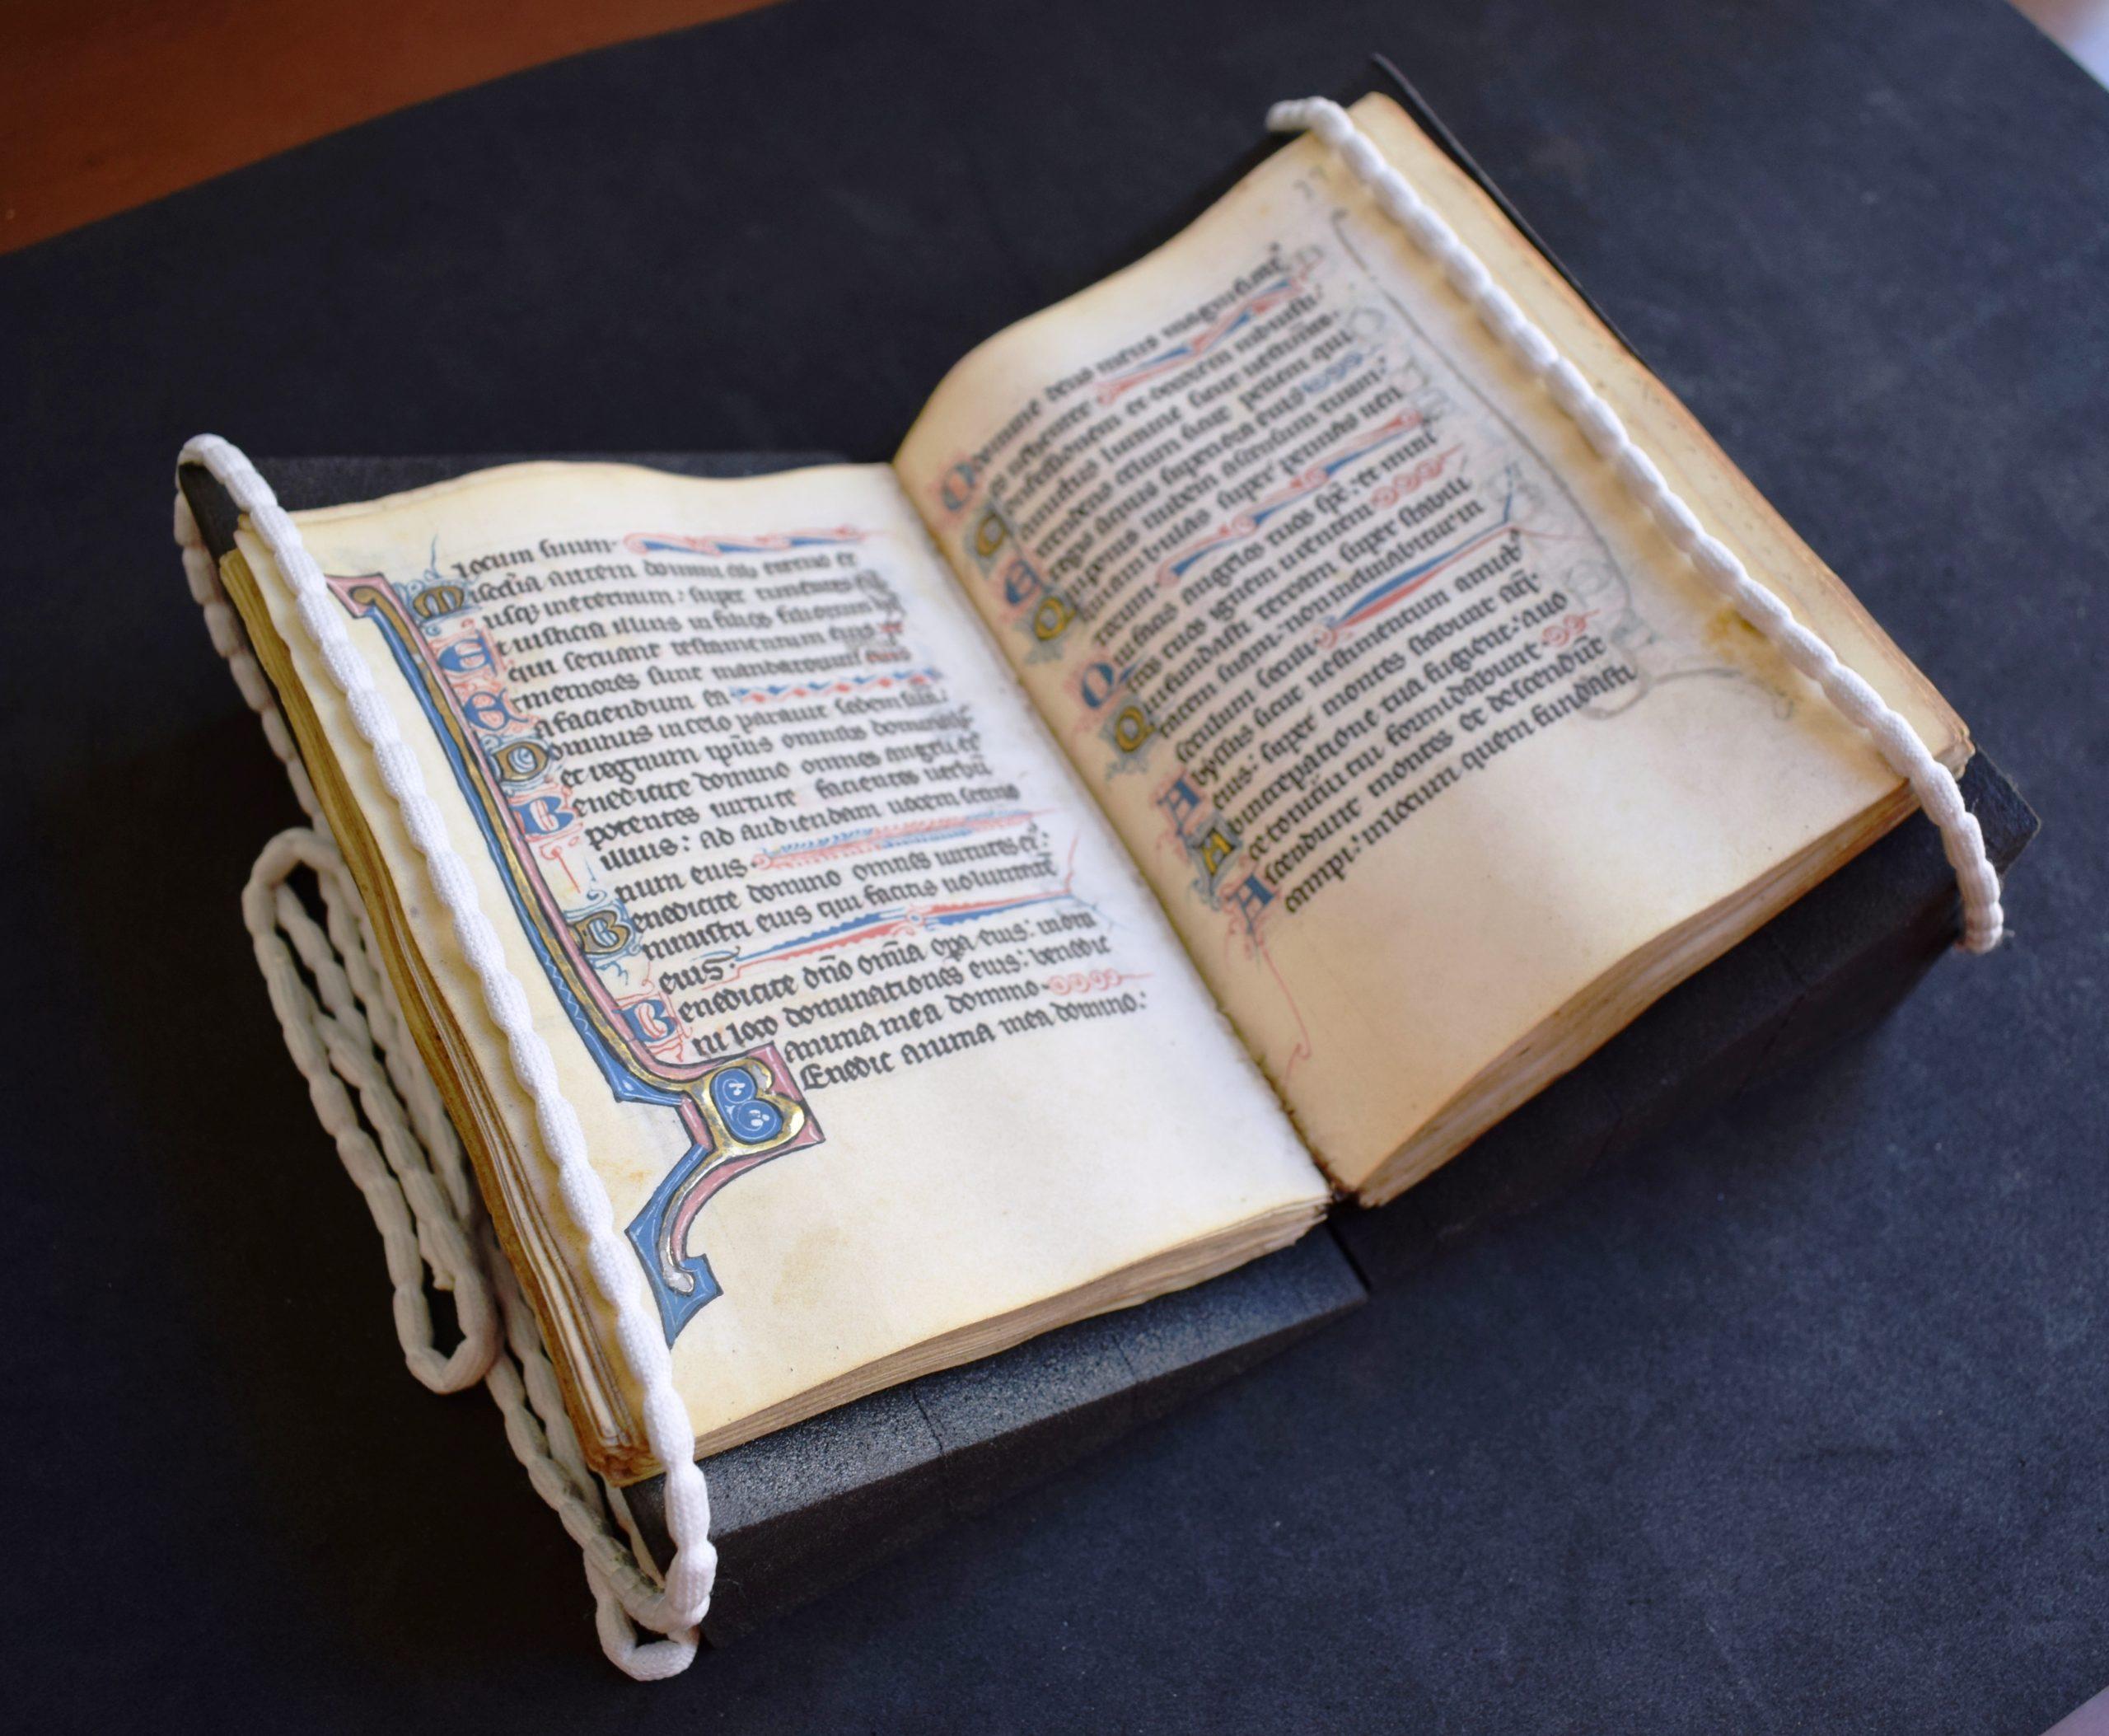 Mesures de conservació Biblioteca de Montserrat